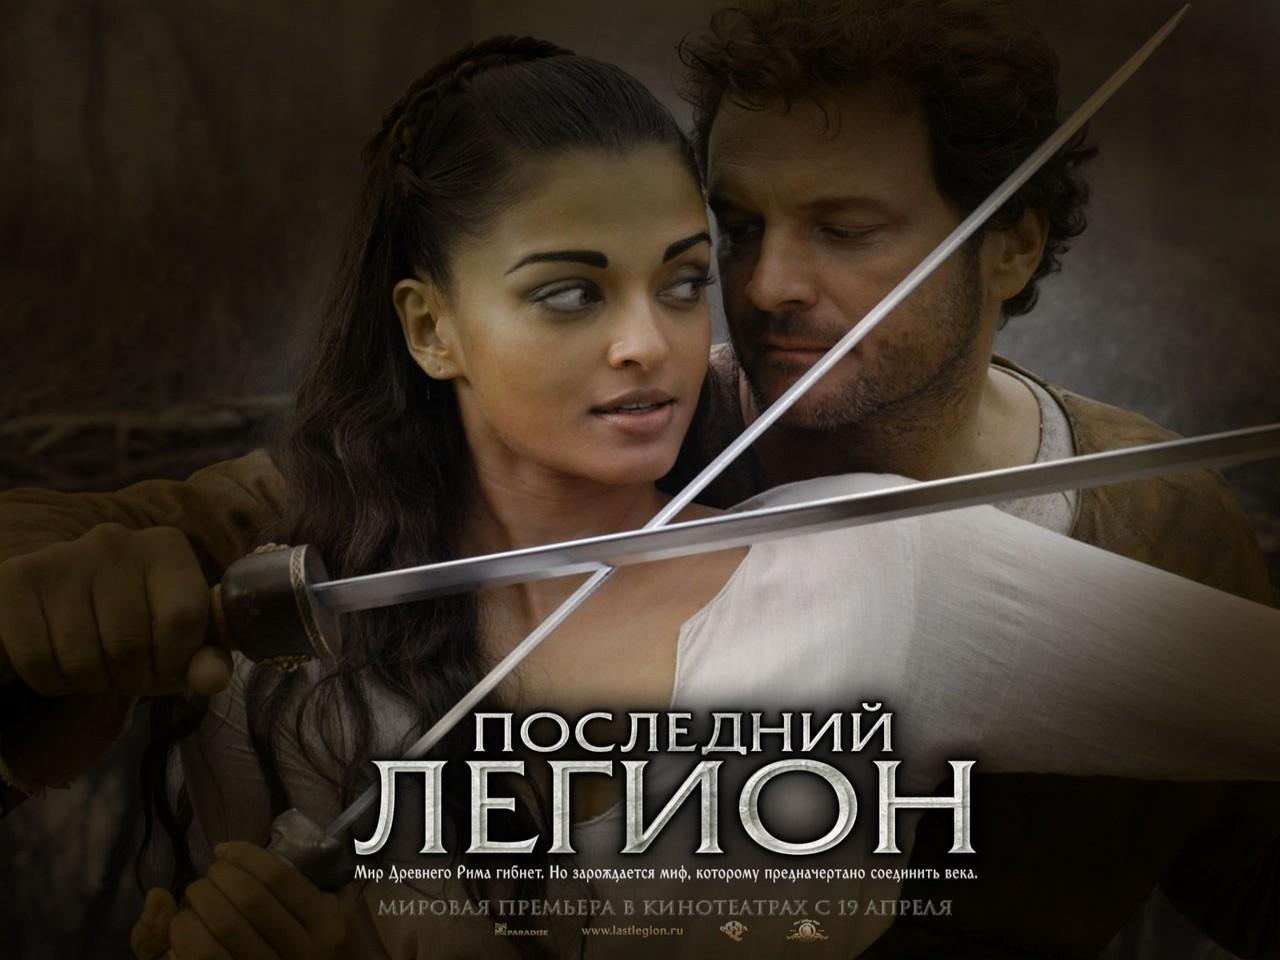 Wallpaper straniero del film L'ultima legione